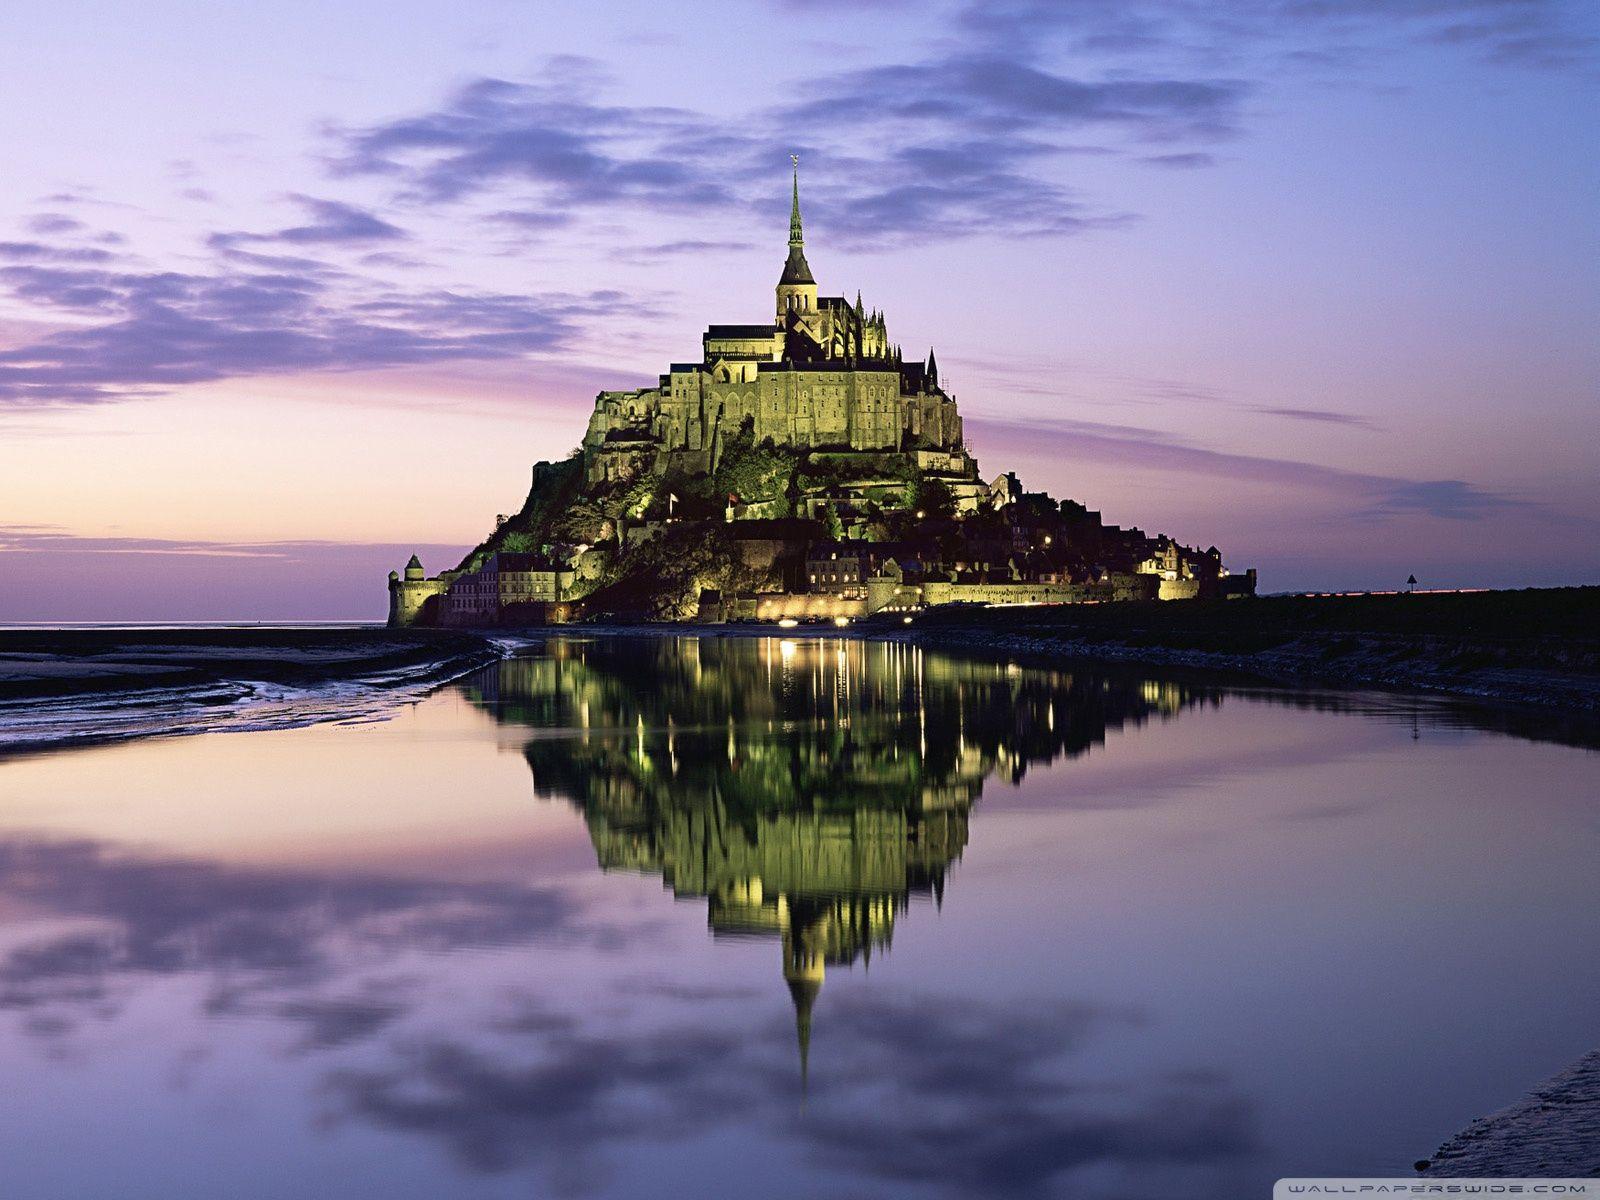 Mont Saint Michel France Castles France Beautiful Castles Mont Saint Michel France